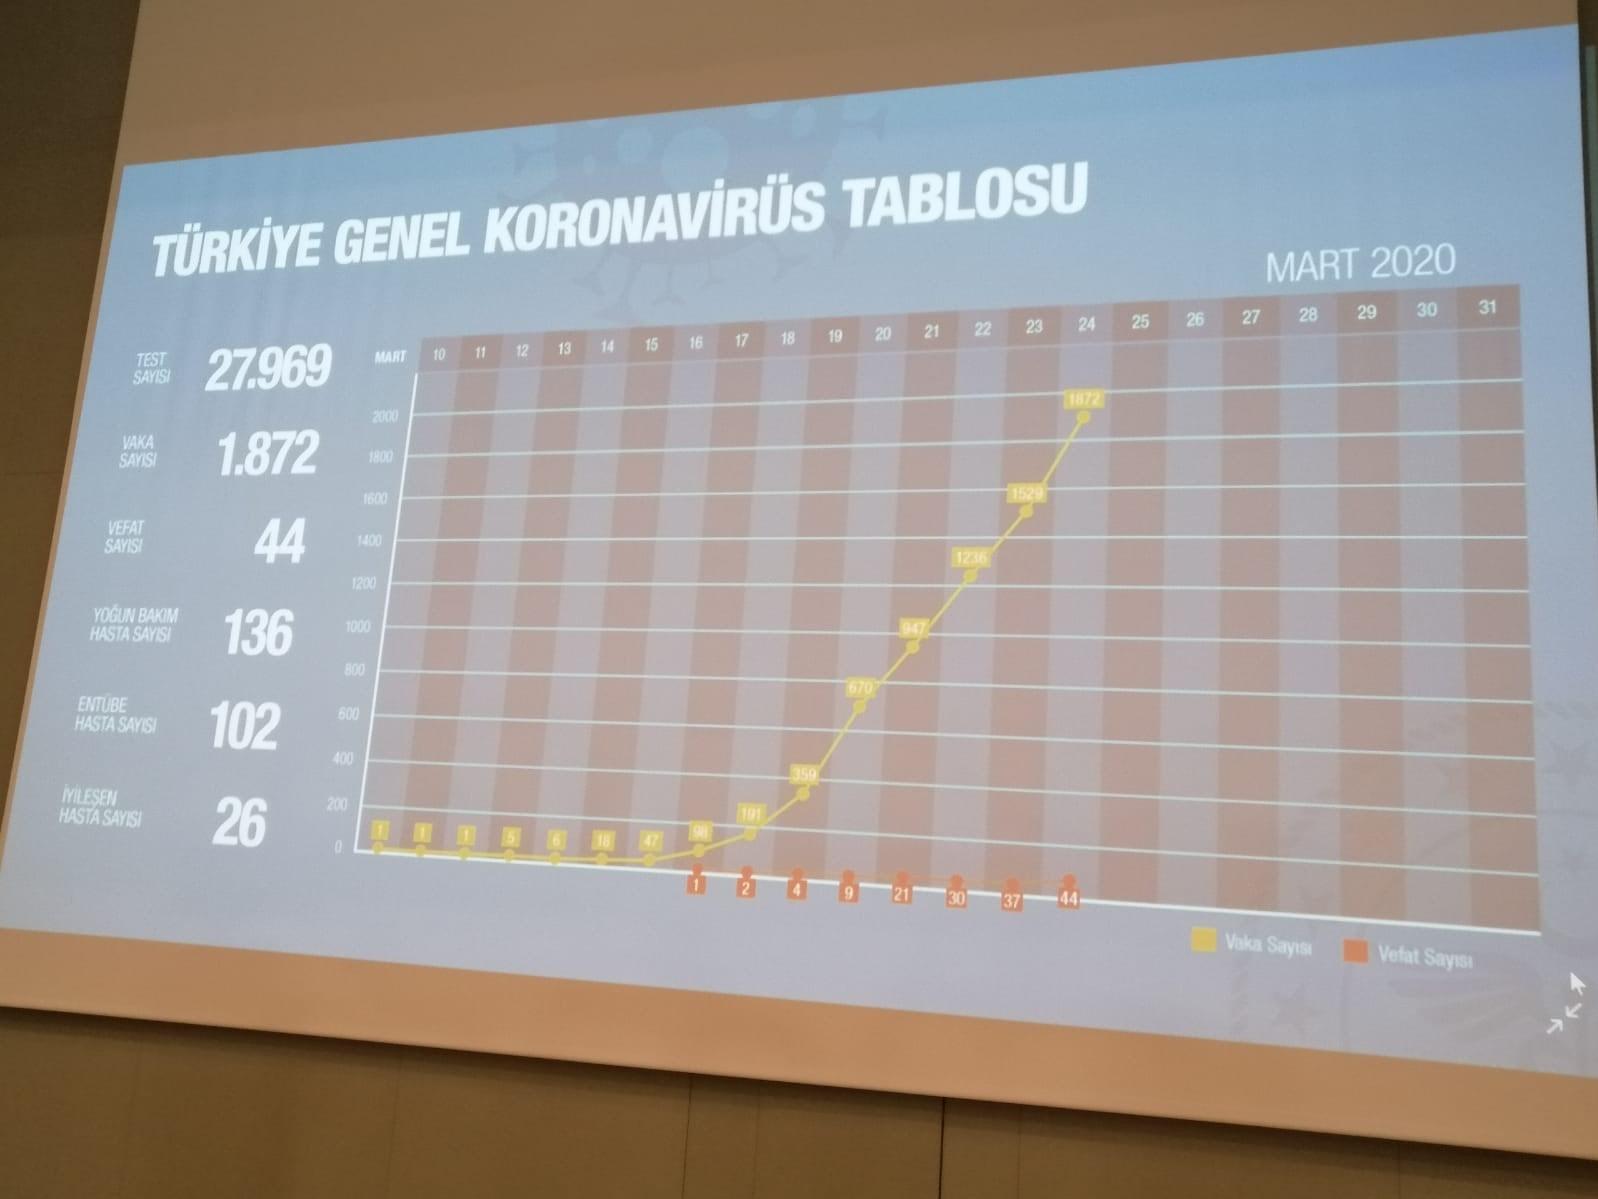 Türkiye Geneli Koronavirüs Tablosu'na göre vaka sayısı 1872, yoğun bakım hasta sayısı 136, entübe hasta sayısı 102, iyileşen kişi 26.